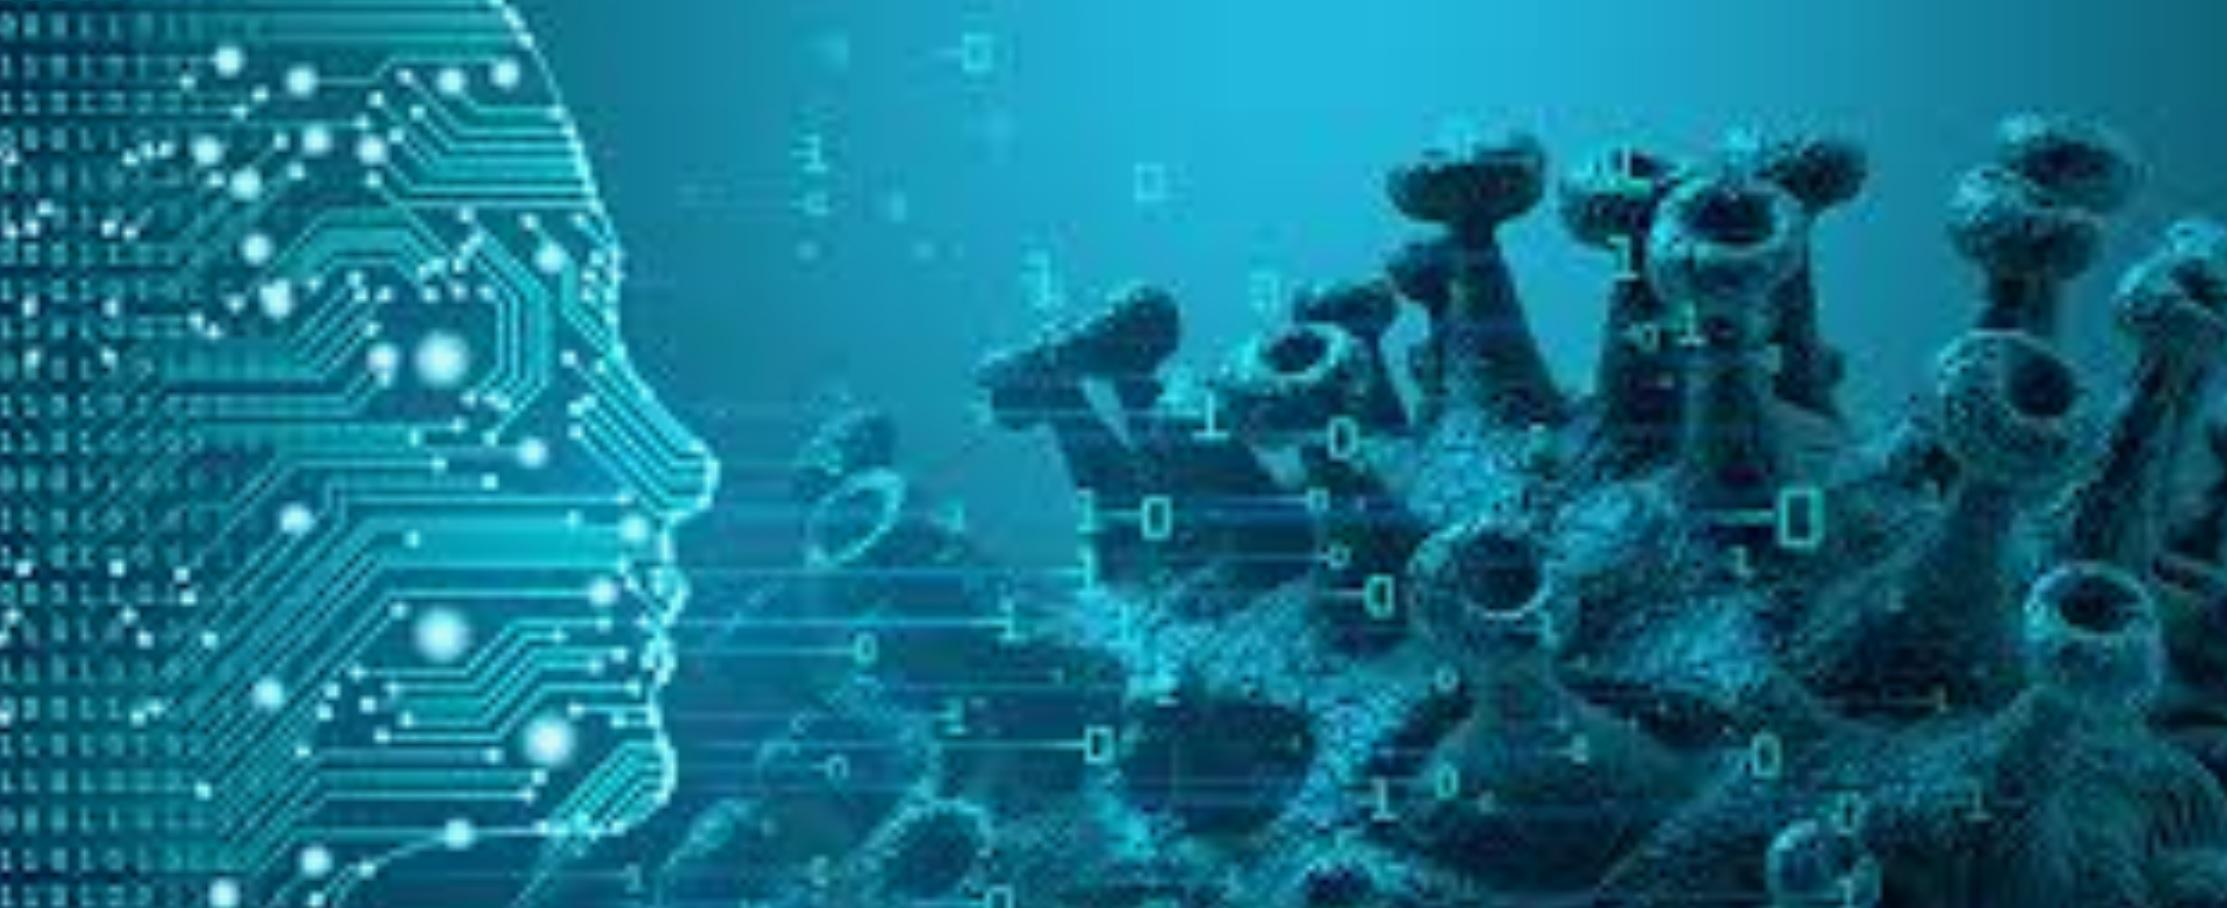 Usando a inteligência artificial para comprender os desafios emocionais dos profissionais de saúde na era COVID-19